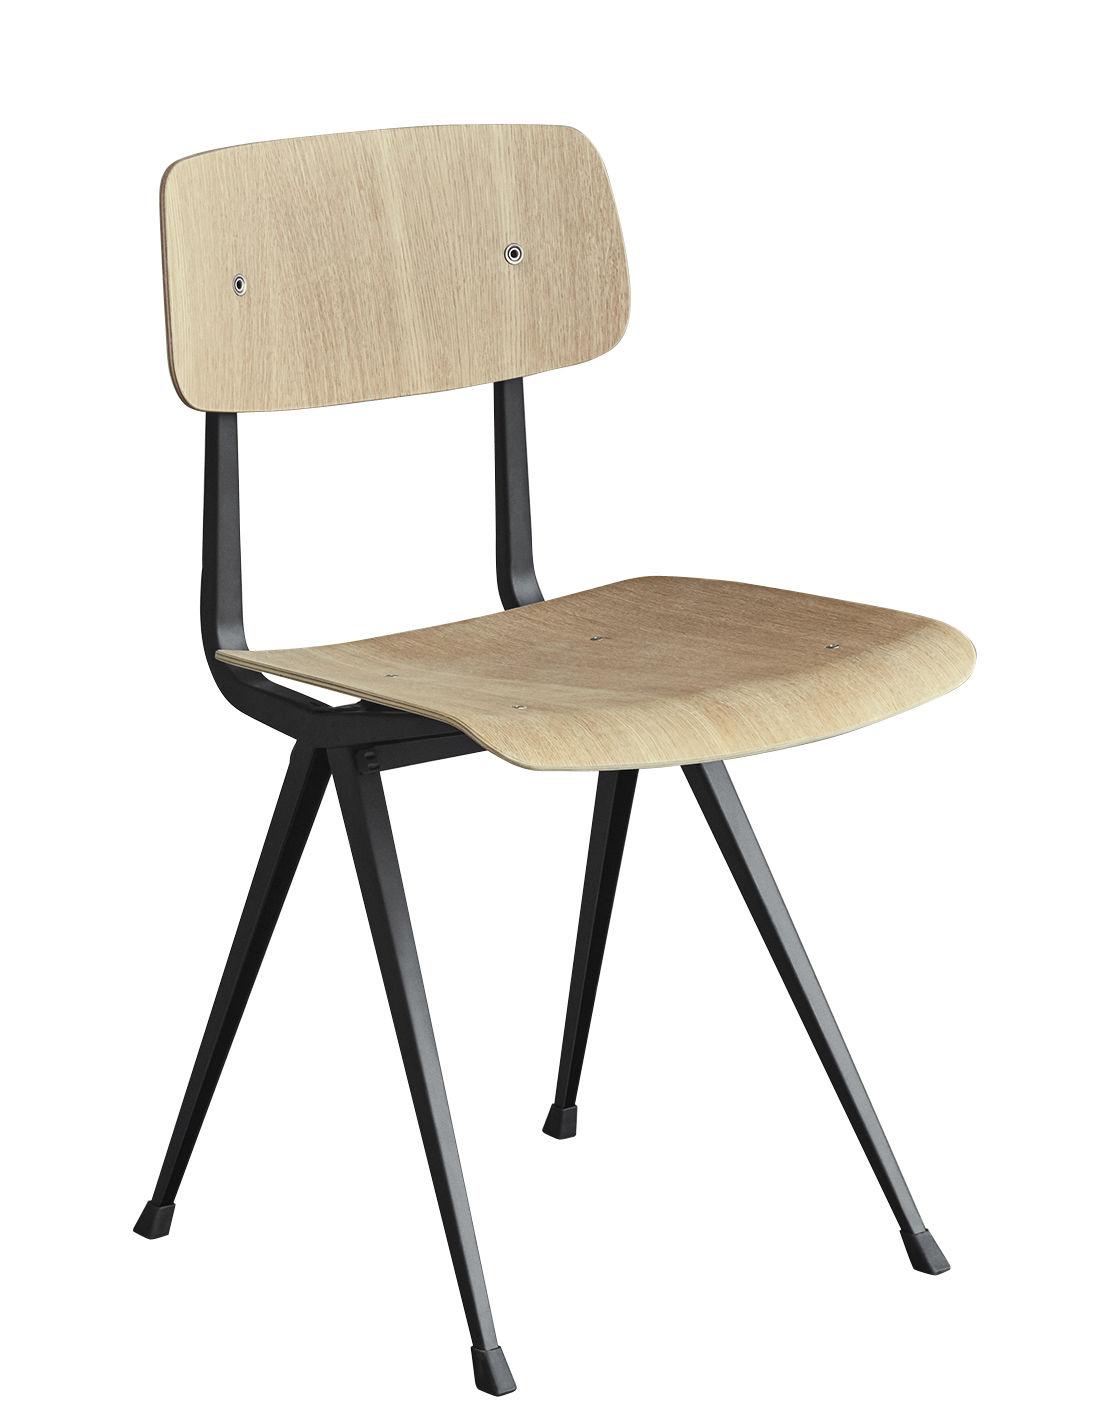 Mobilier - Chaises, fauteuils de salle à manger - Chaise Result / Réédition 1958 - Hay - Chêne clair / Pieds noirs - Acier laqué, Contreplaqué de chêne